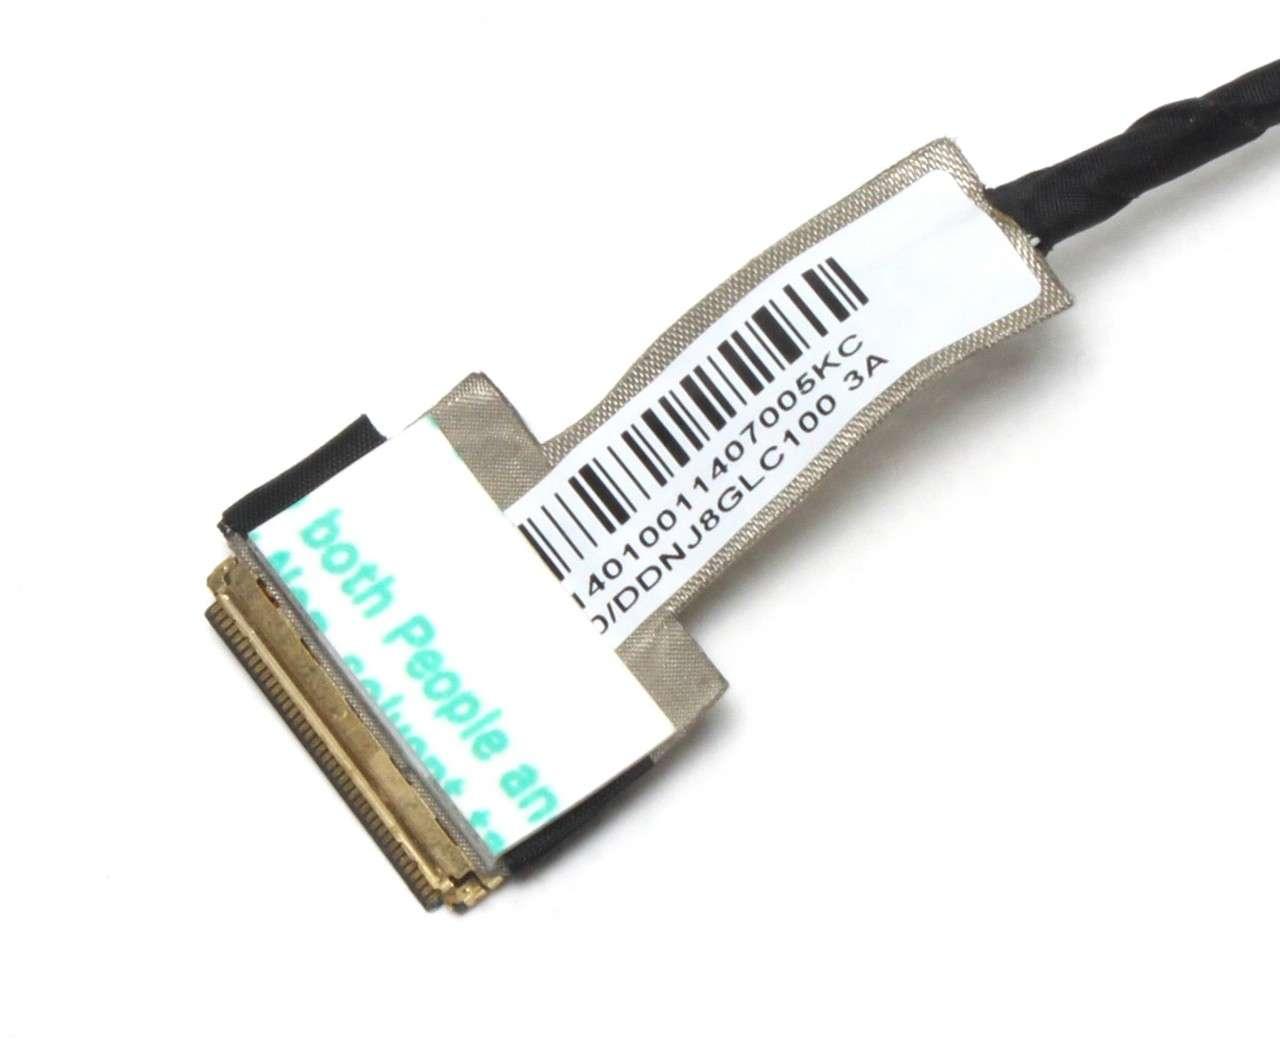 Cablu video LVDS Asus N56JR FULL HD 1920x1080 imagine powerlaptop.ro 2021